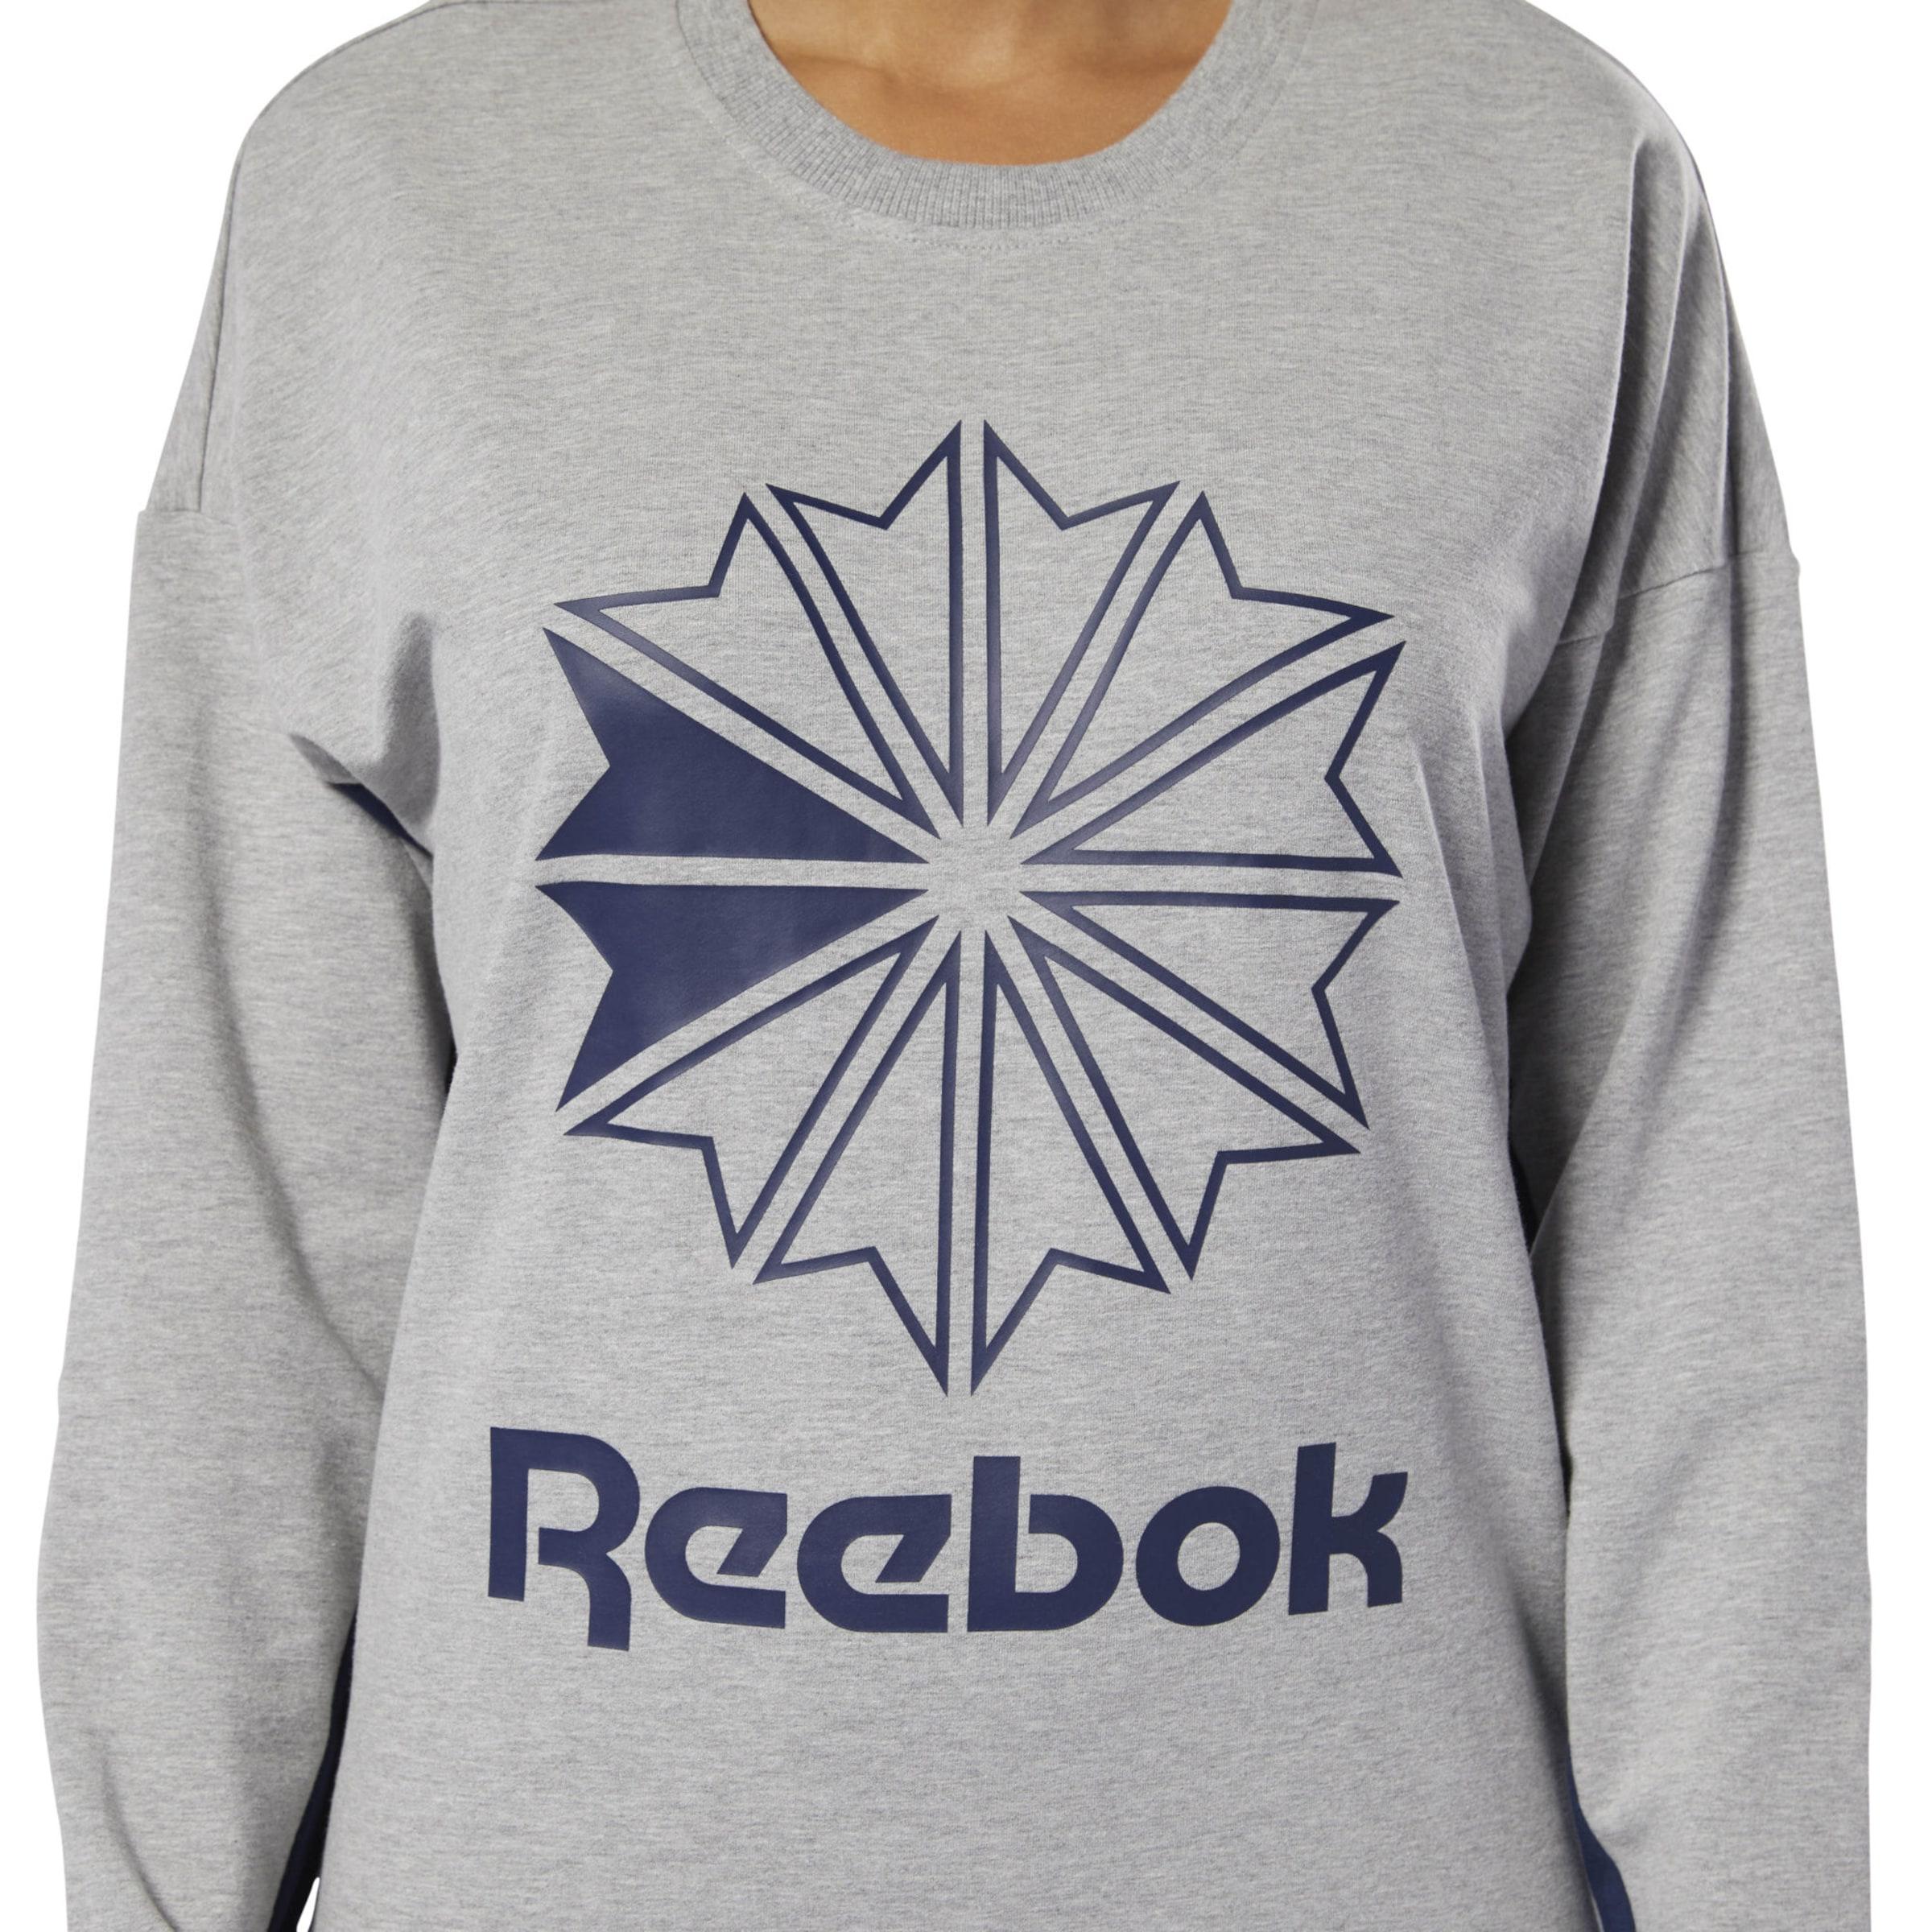 Sweatshirt Reebok In Hellgrau Classic fYb76yg